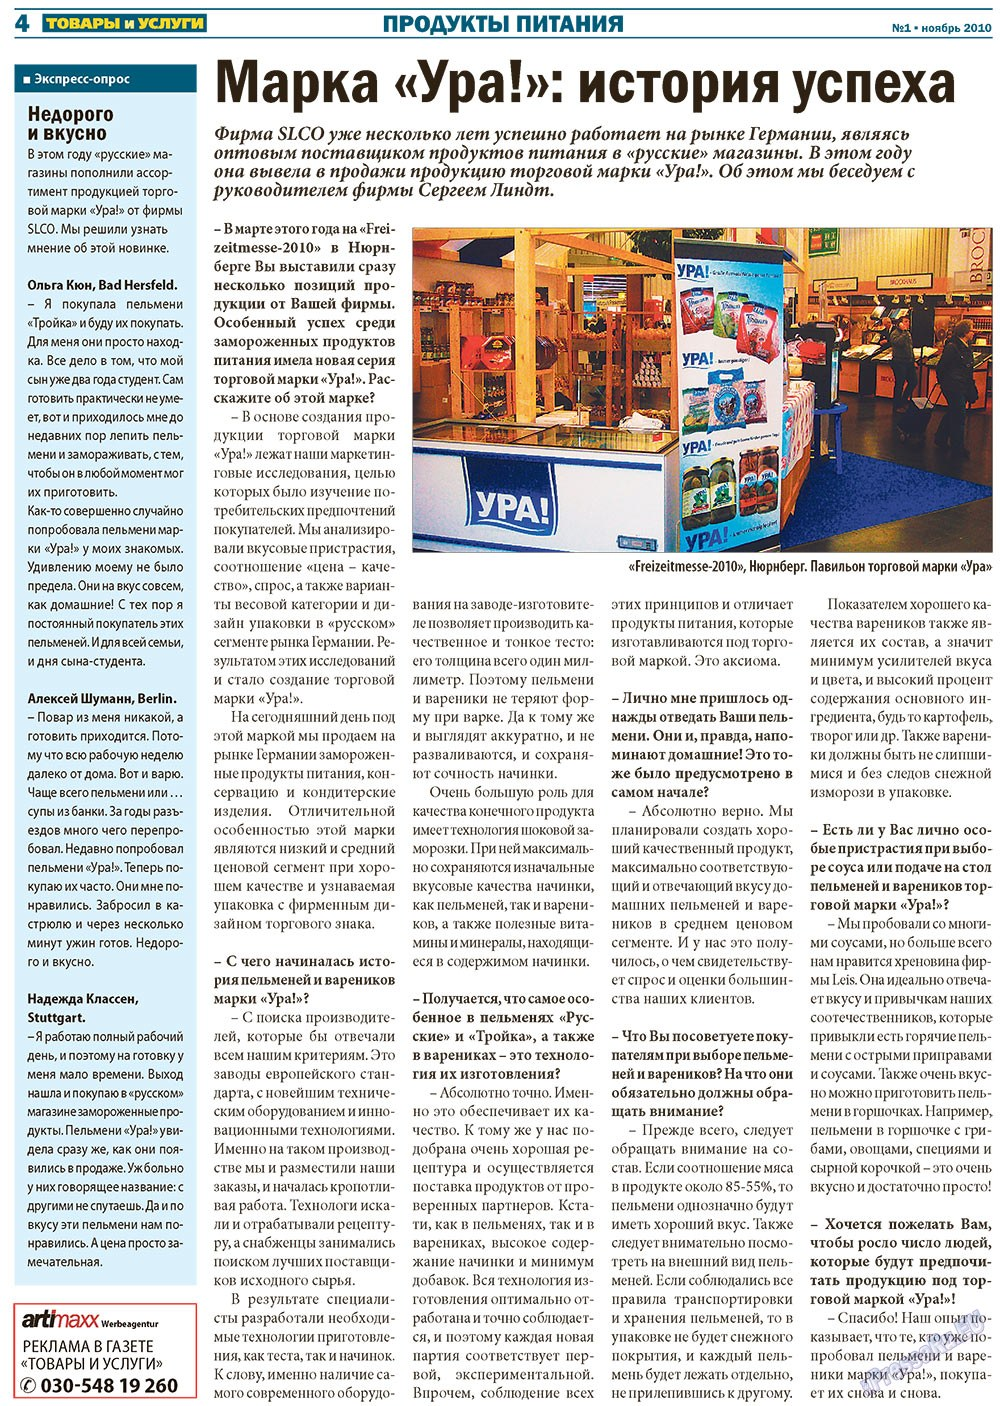 Товары и услуги (газета). 2010 год, номер 1, стр. 4